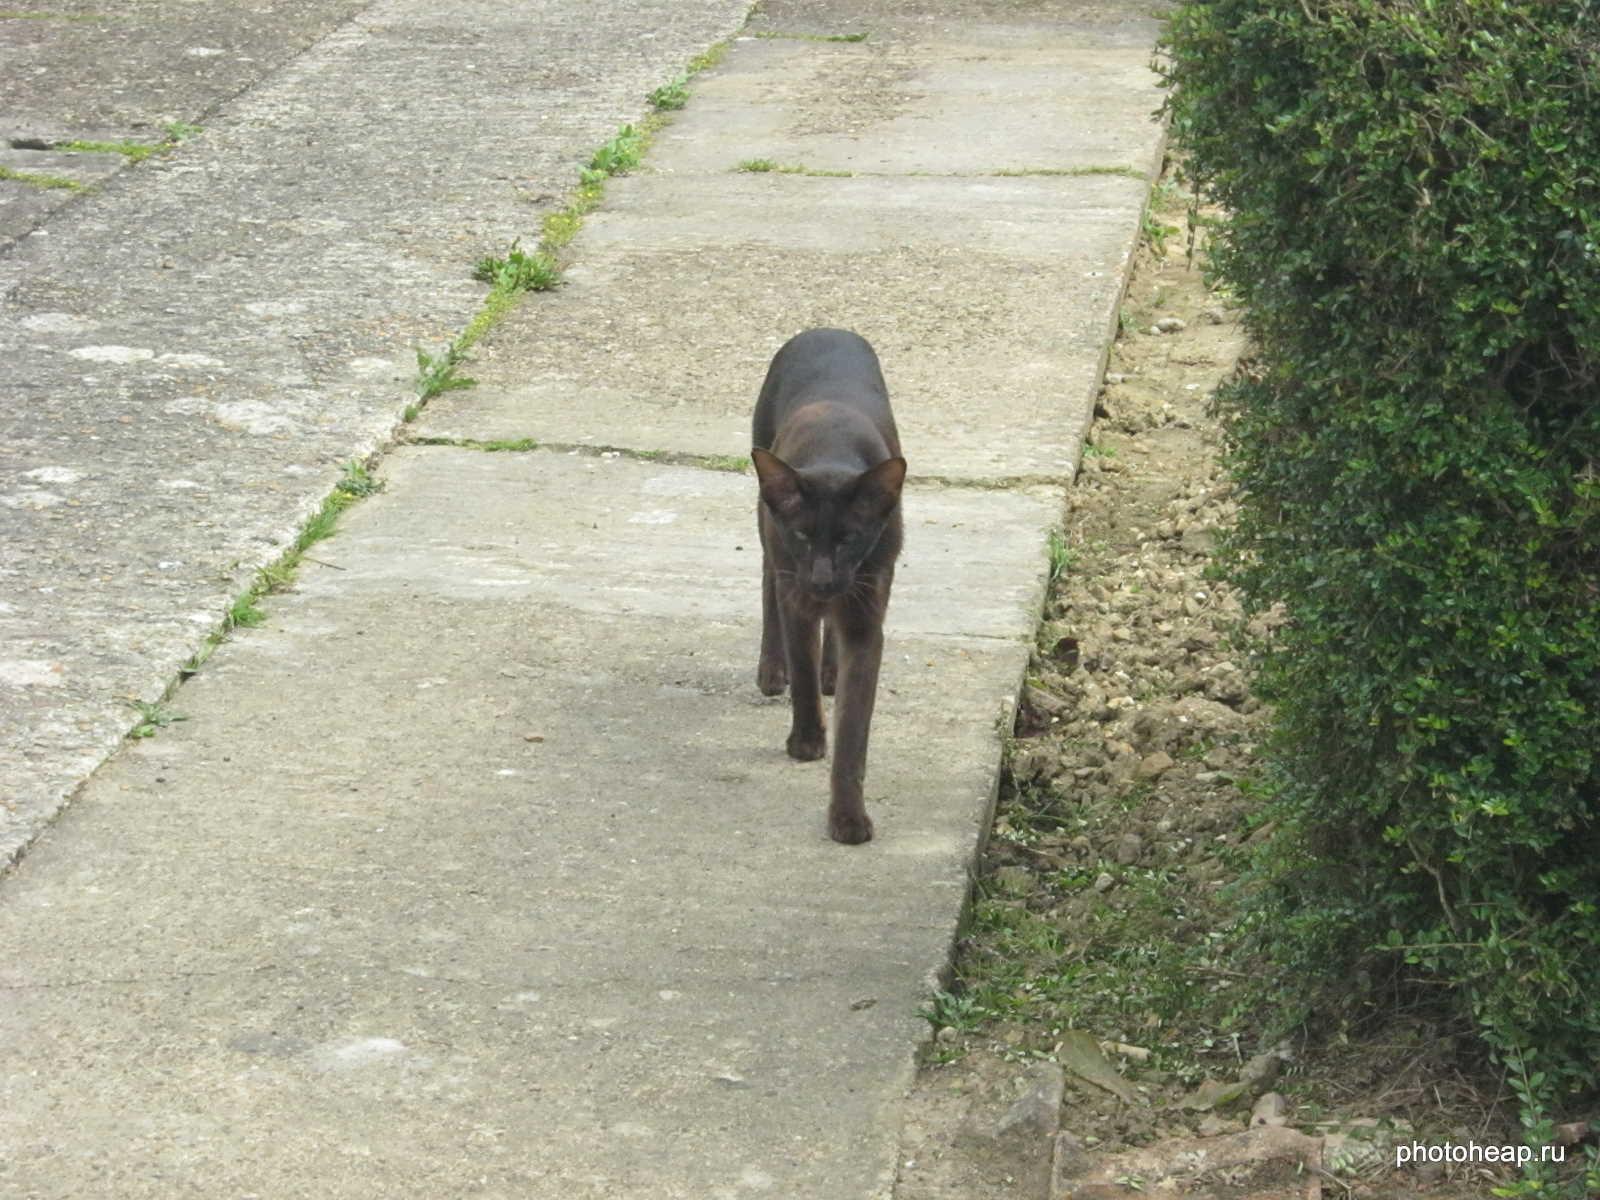 Oriental cat walking